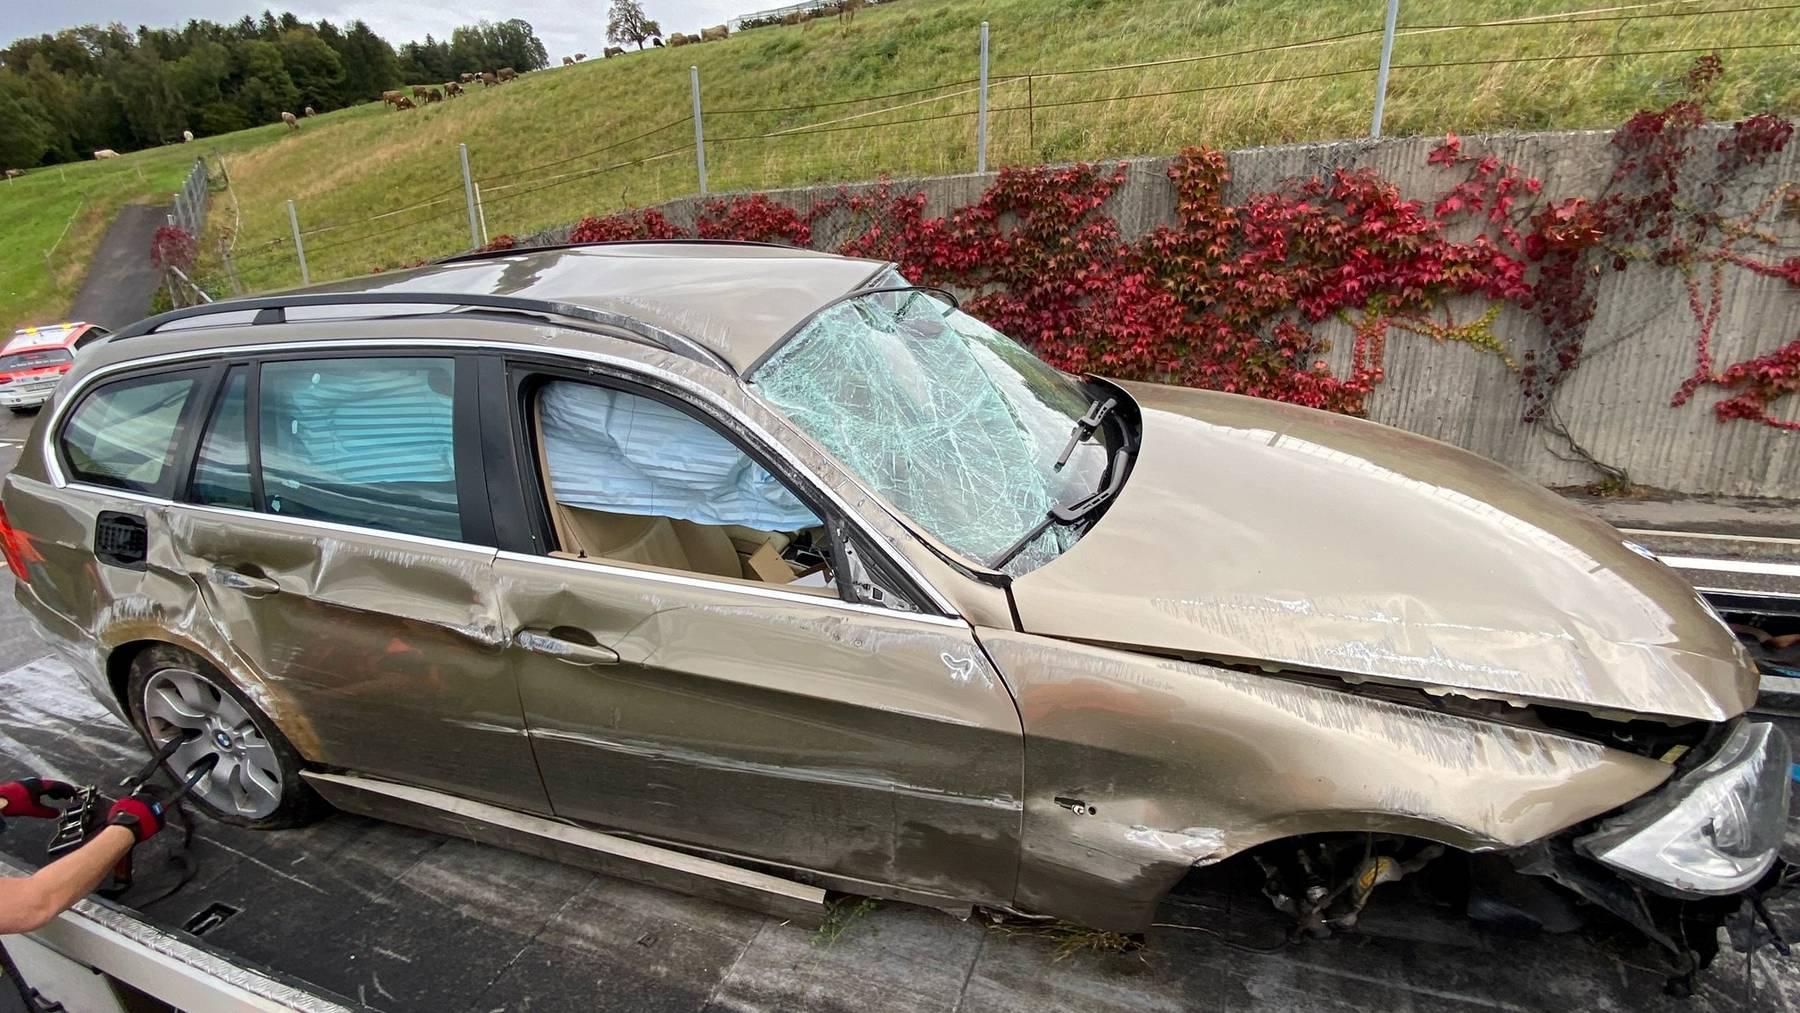 Der BMW überschlug sich und prallte in eine Mauer.